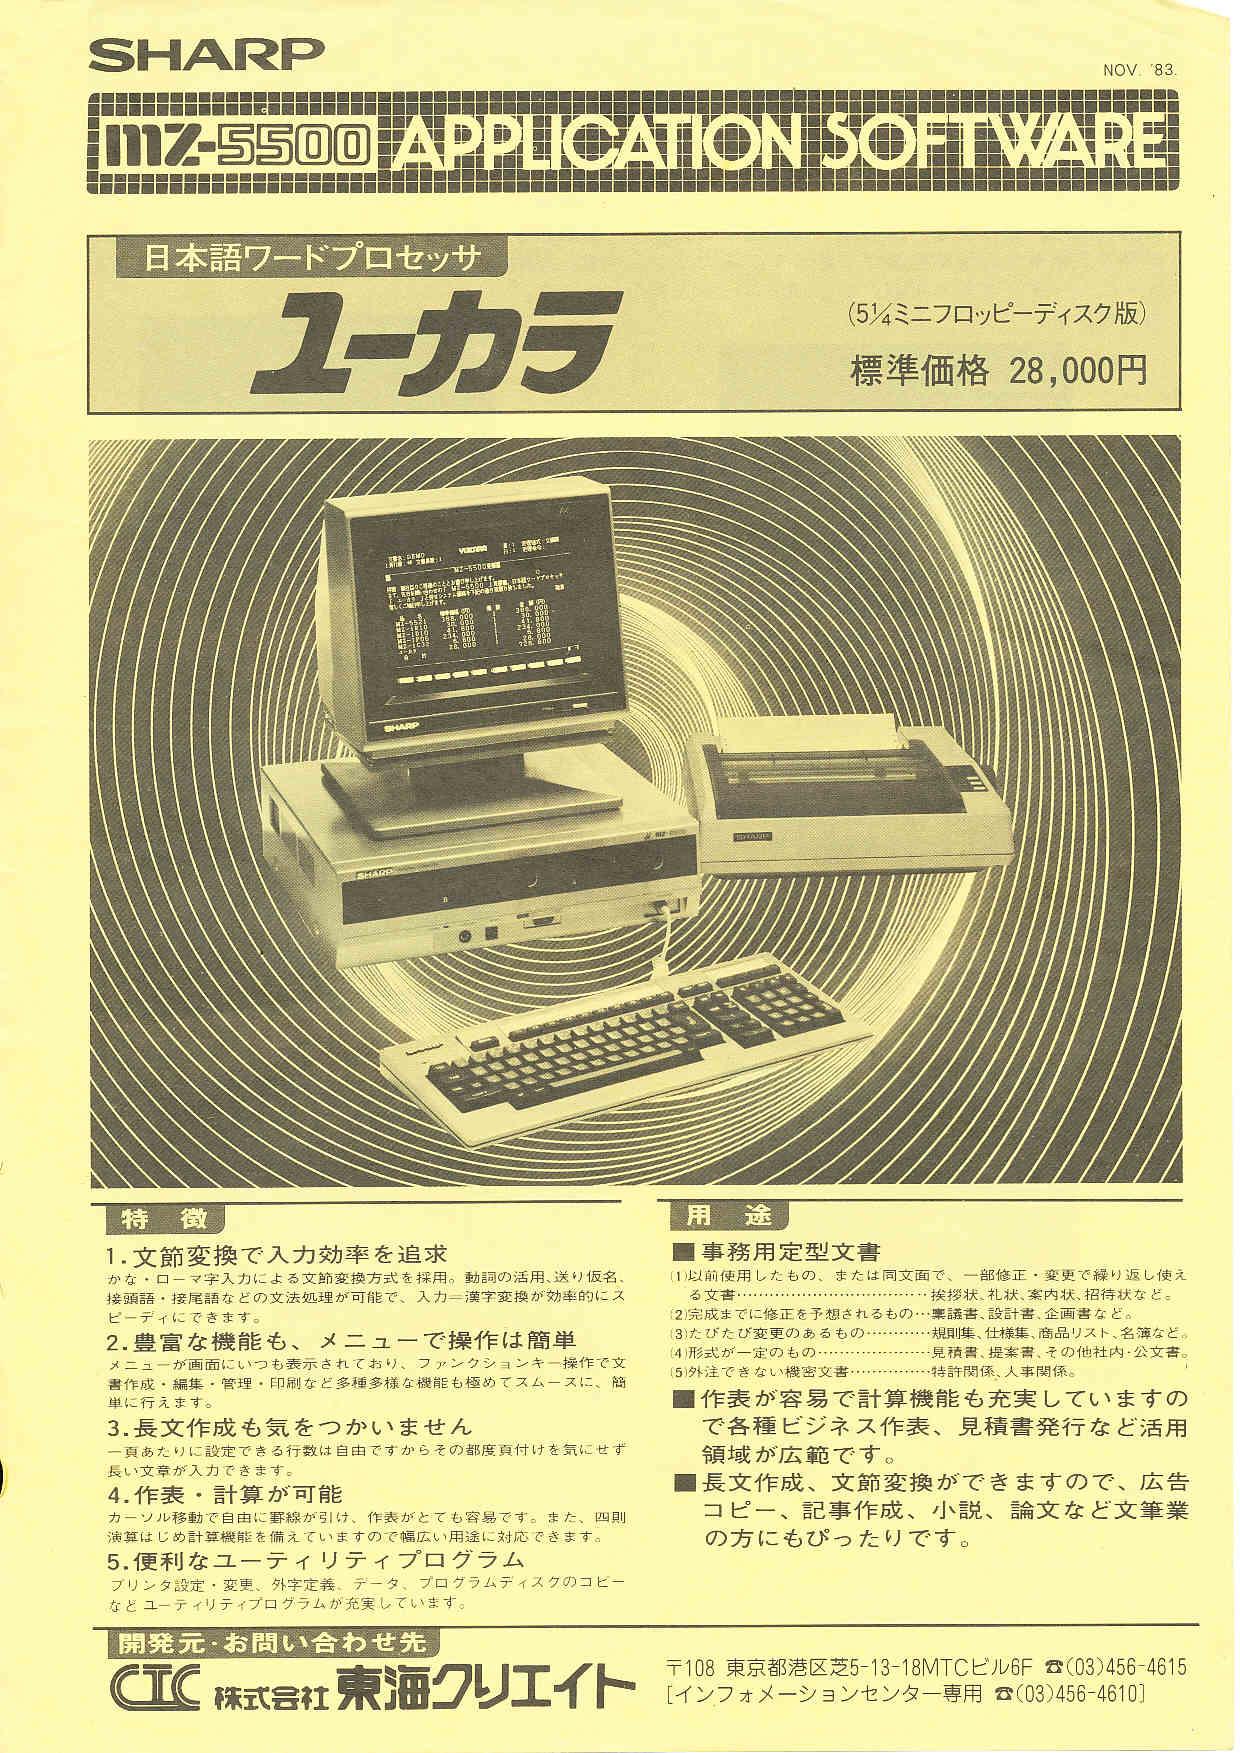 MZ-5500用日本語ワードプロセッ...